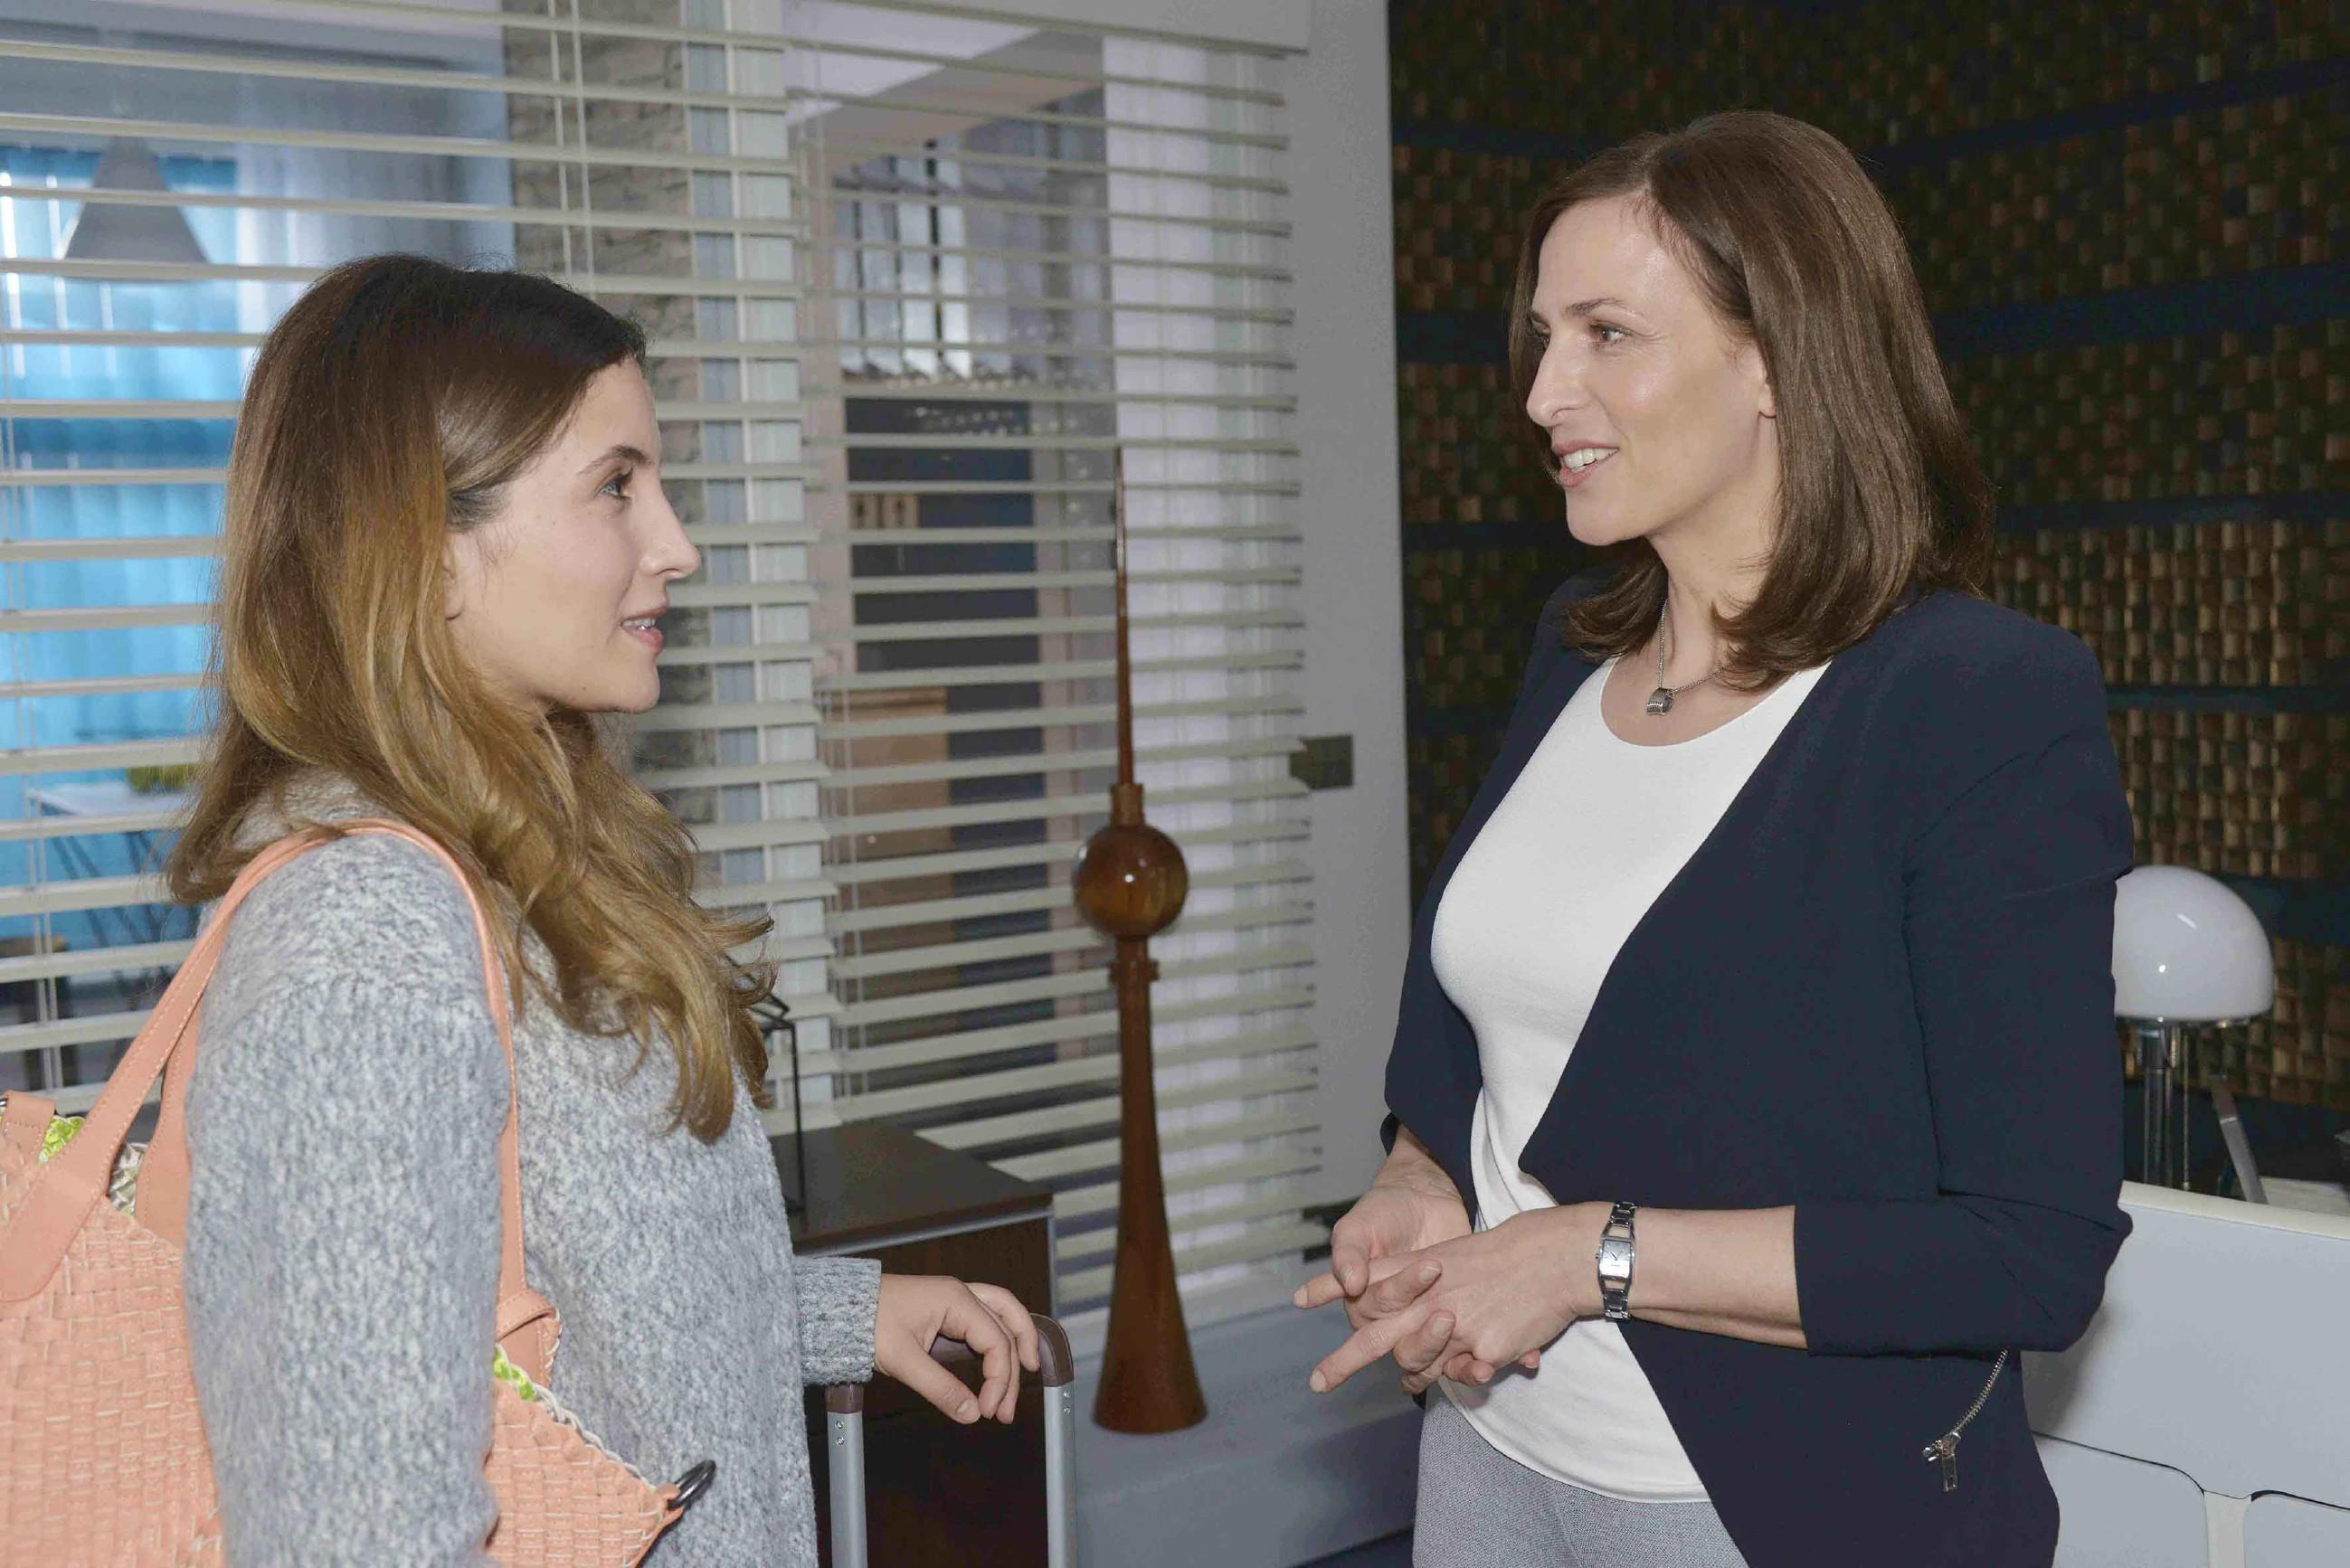 Als Katrin (Ulrike Frank, r.) begreift, dass Laura (Chryssanthi Kavazi) gerade weder Job noch Bleibe hat, bietet sie spontan ihre Hilfe an. (Quelle: RTL / Rolf Baumgartner)